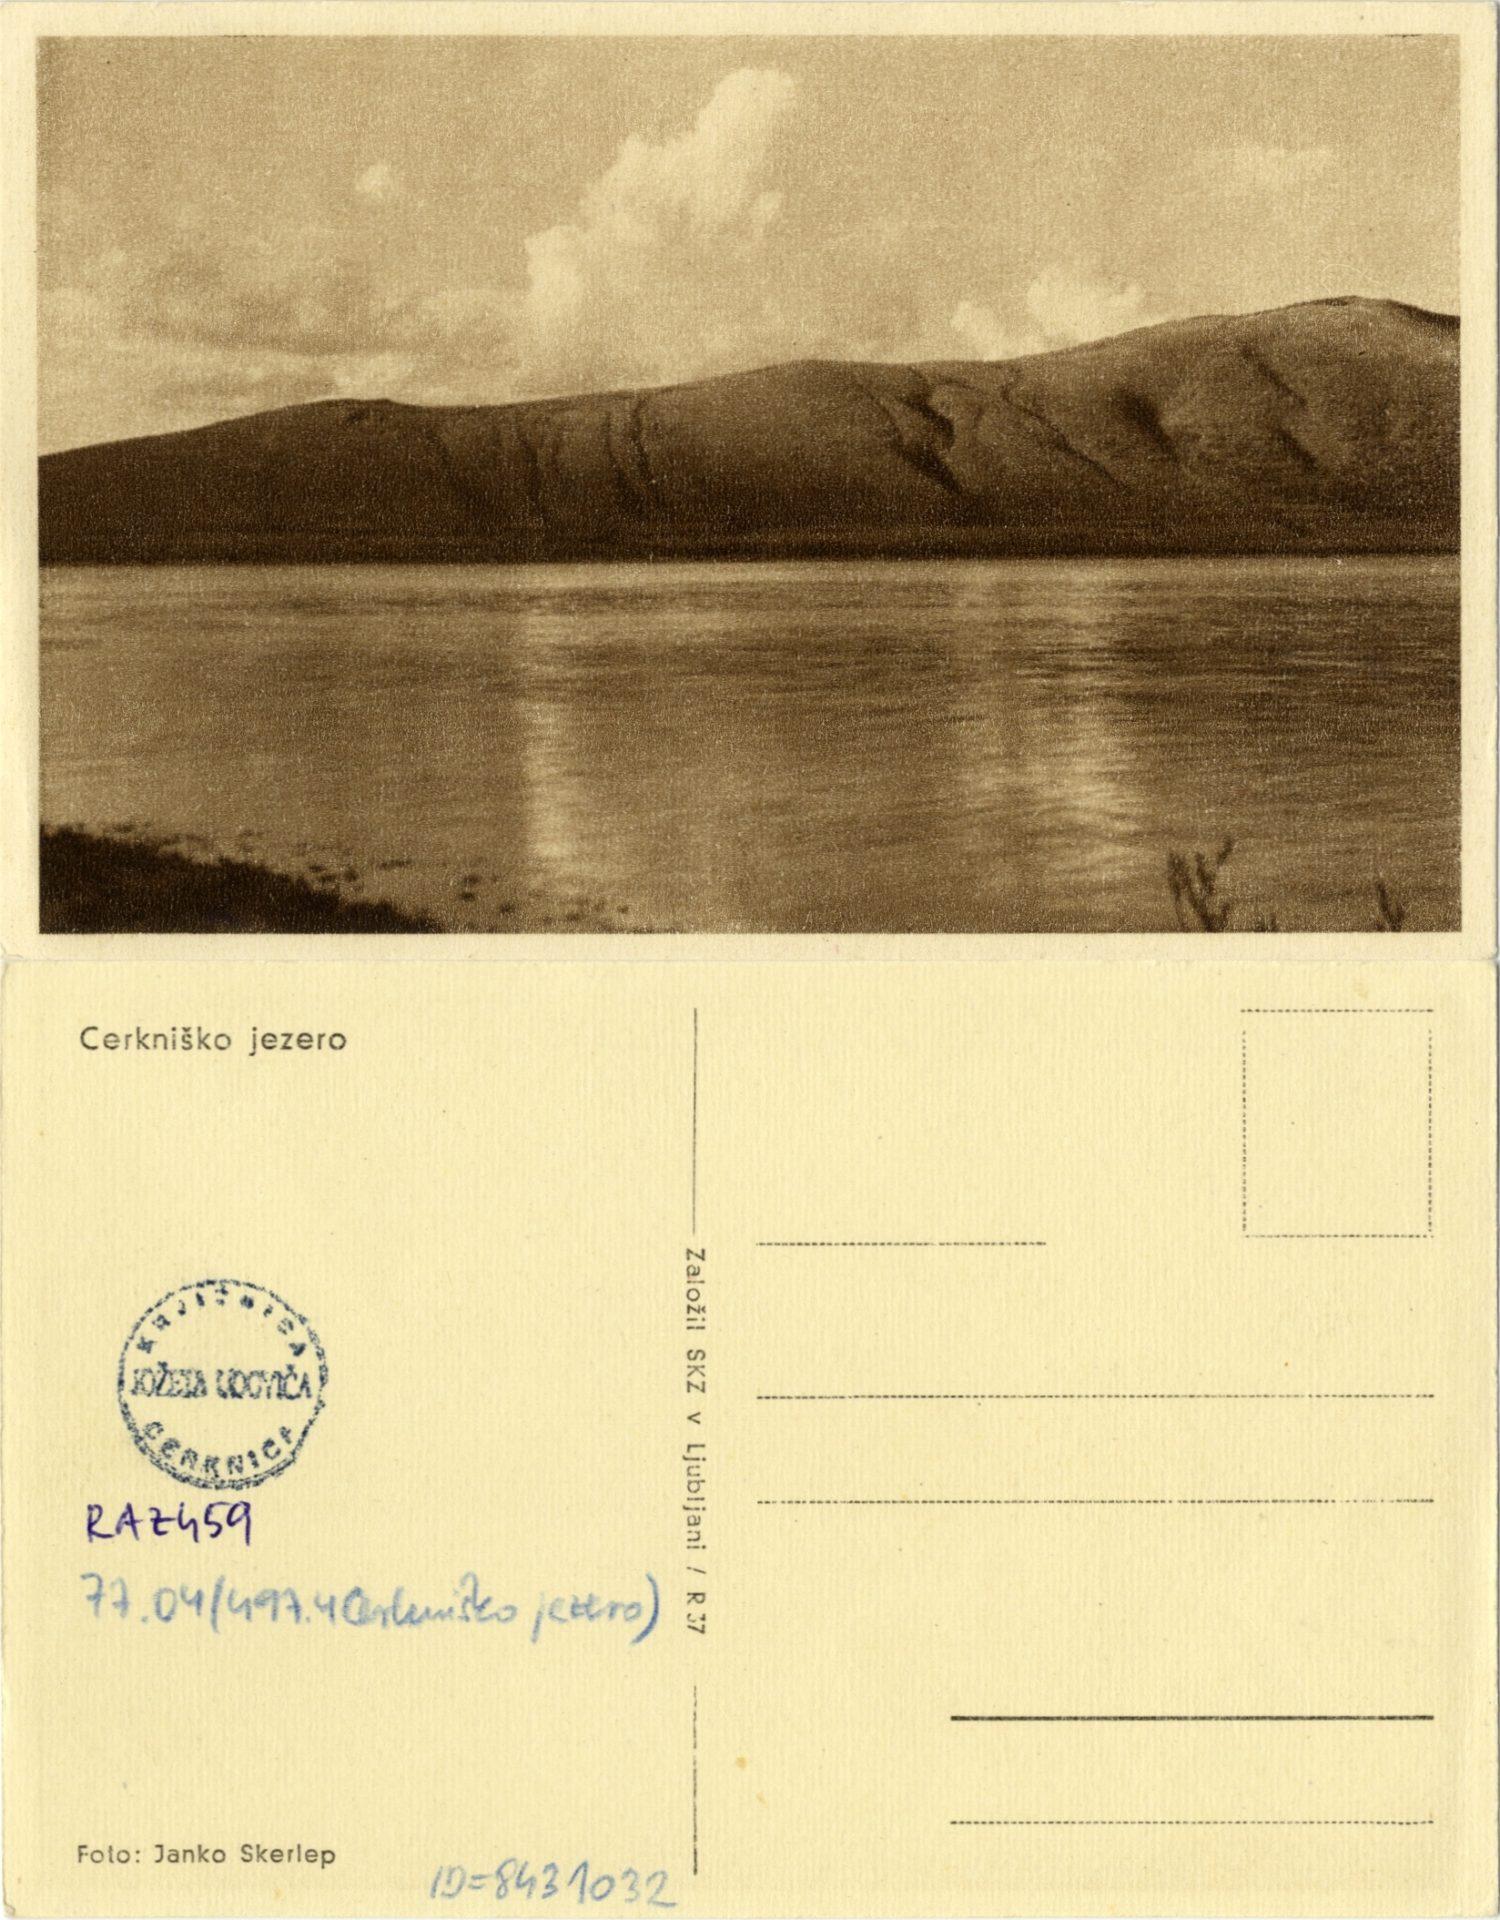 zlimano 16 - Cerkniško jezero